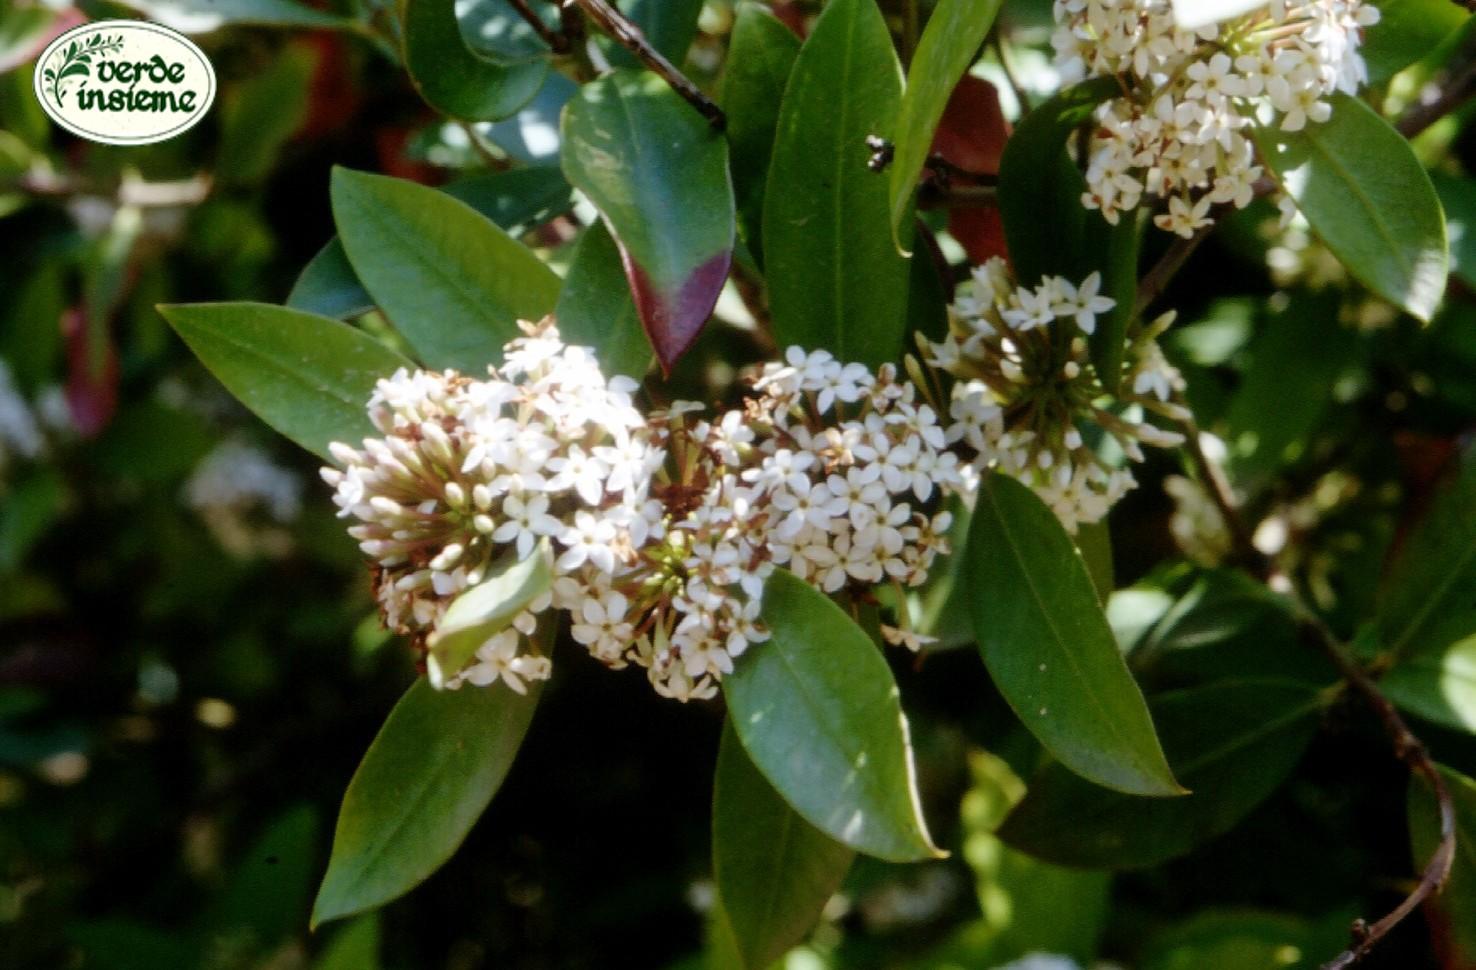 Arbusto selvatico fiori bianchi profumati idee creative - Fiori gialli profumati ...